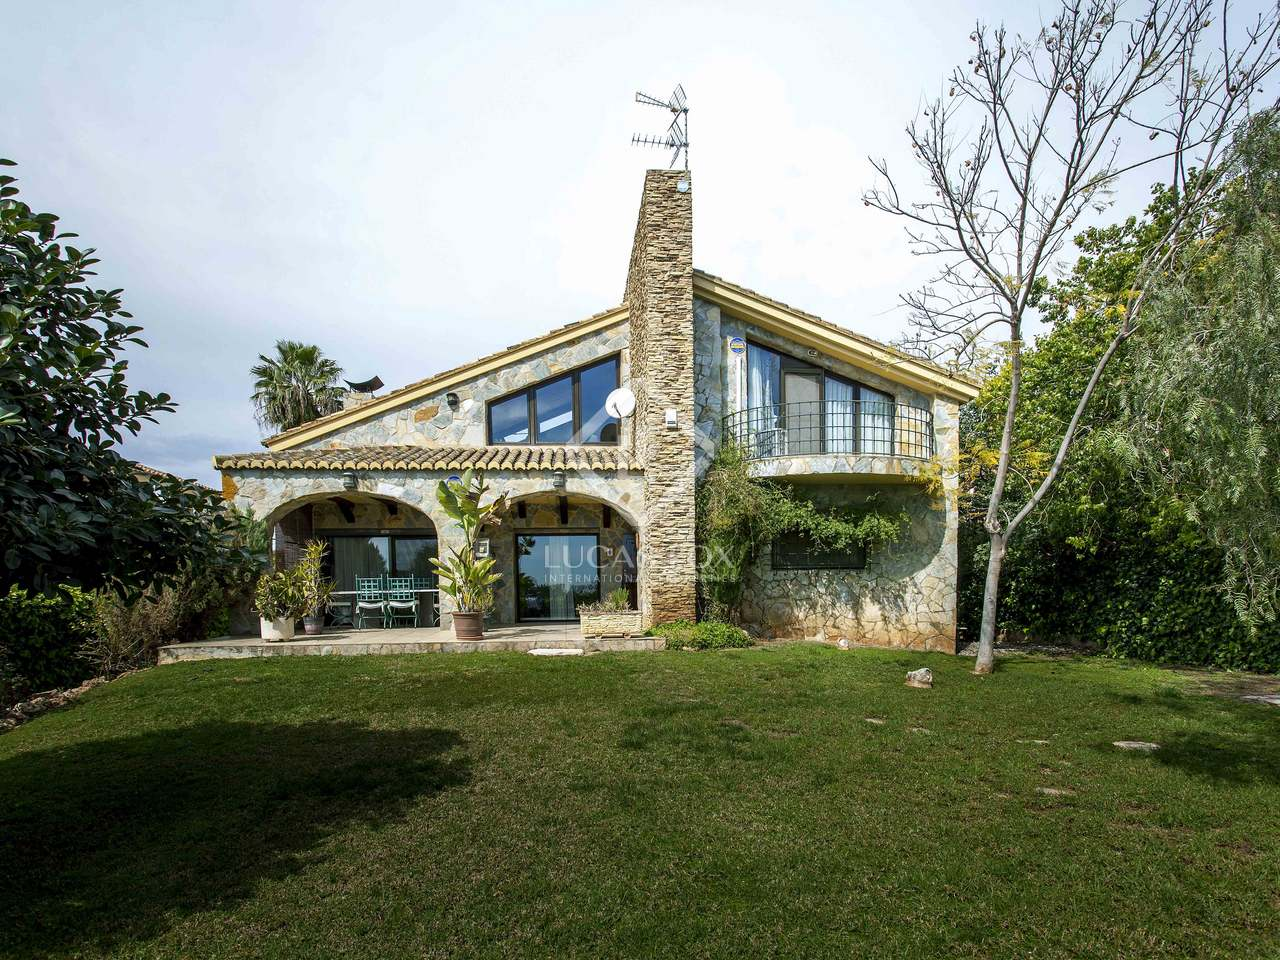 Maison villa de 603m a louer puzol avec 400m de jardin - Maison a louer 3 chambres avec jardin ...